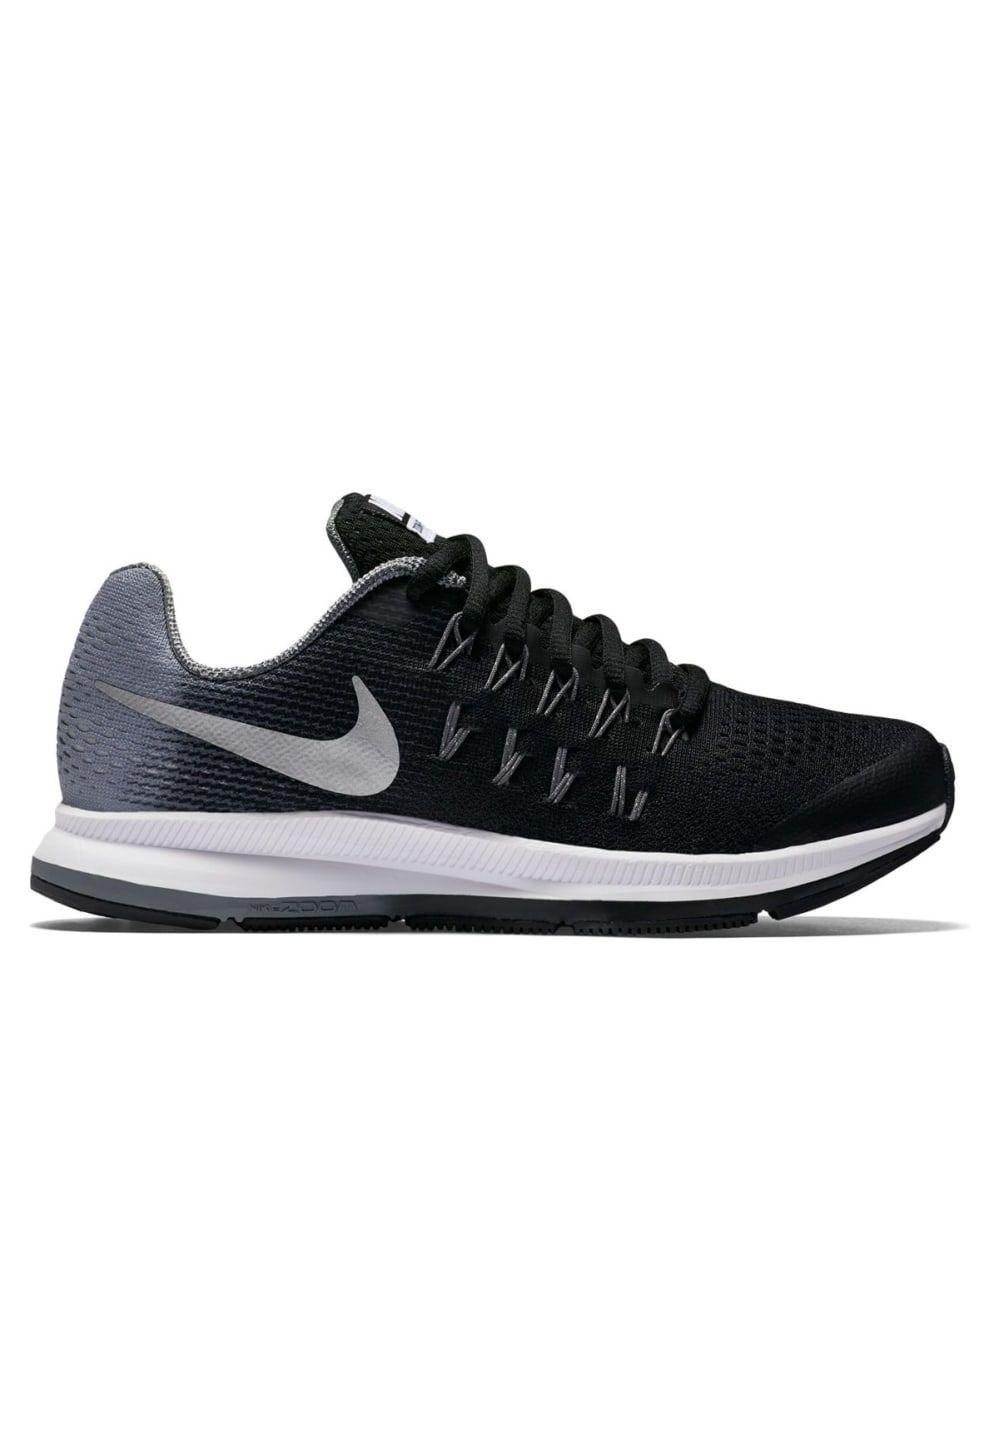 370f58ce453 Nike Air Zoom Pegasus 33 GS Kids - Chaussures running pour Enfant Unisexe -  Noir